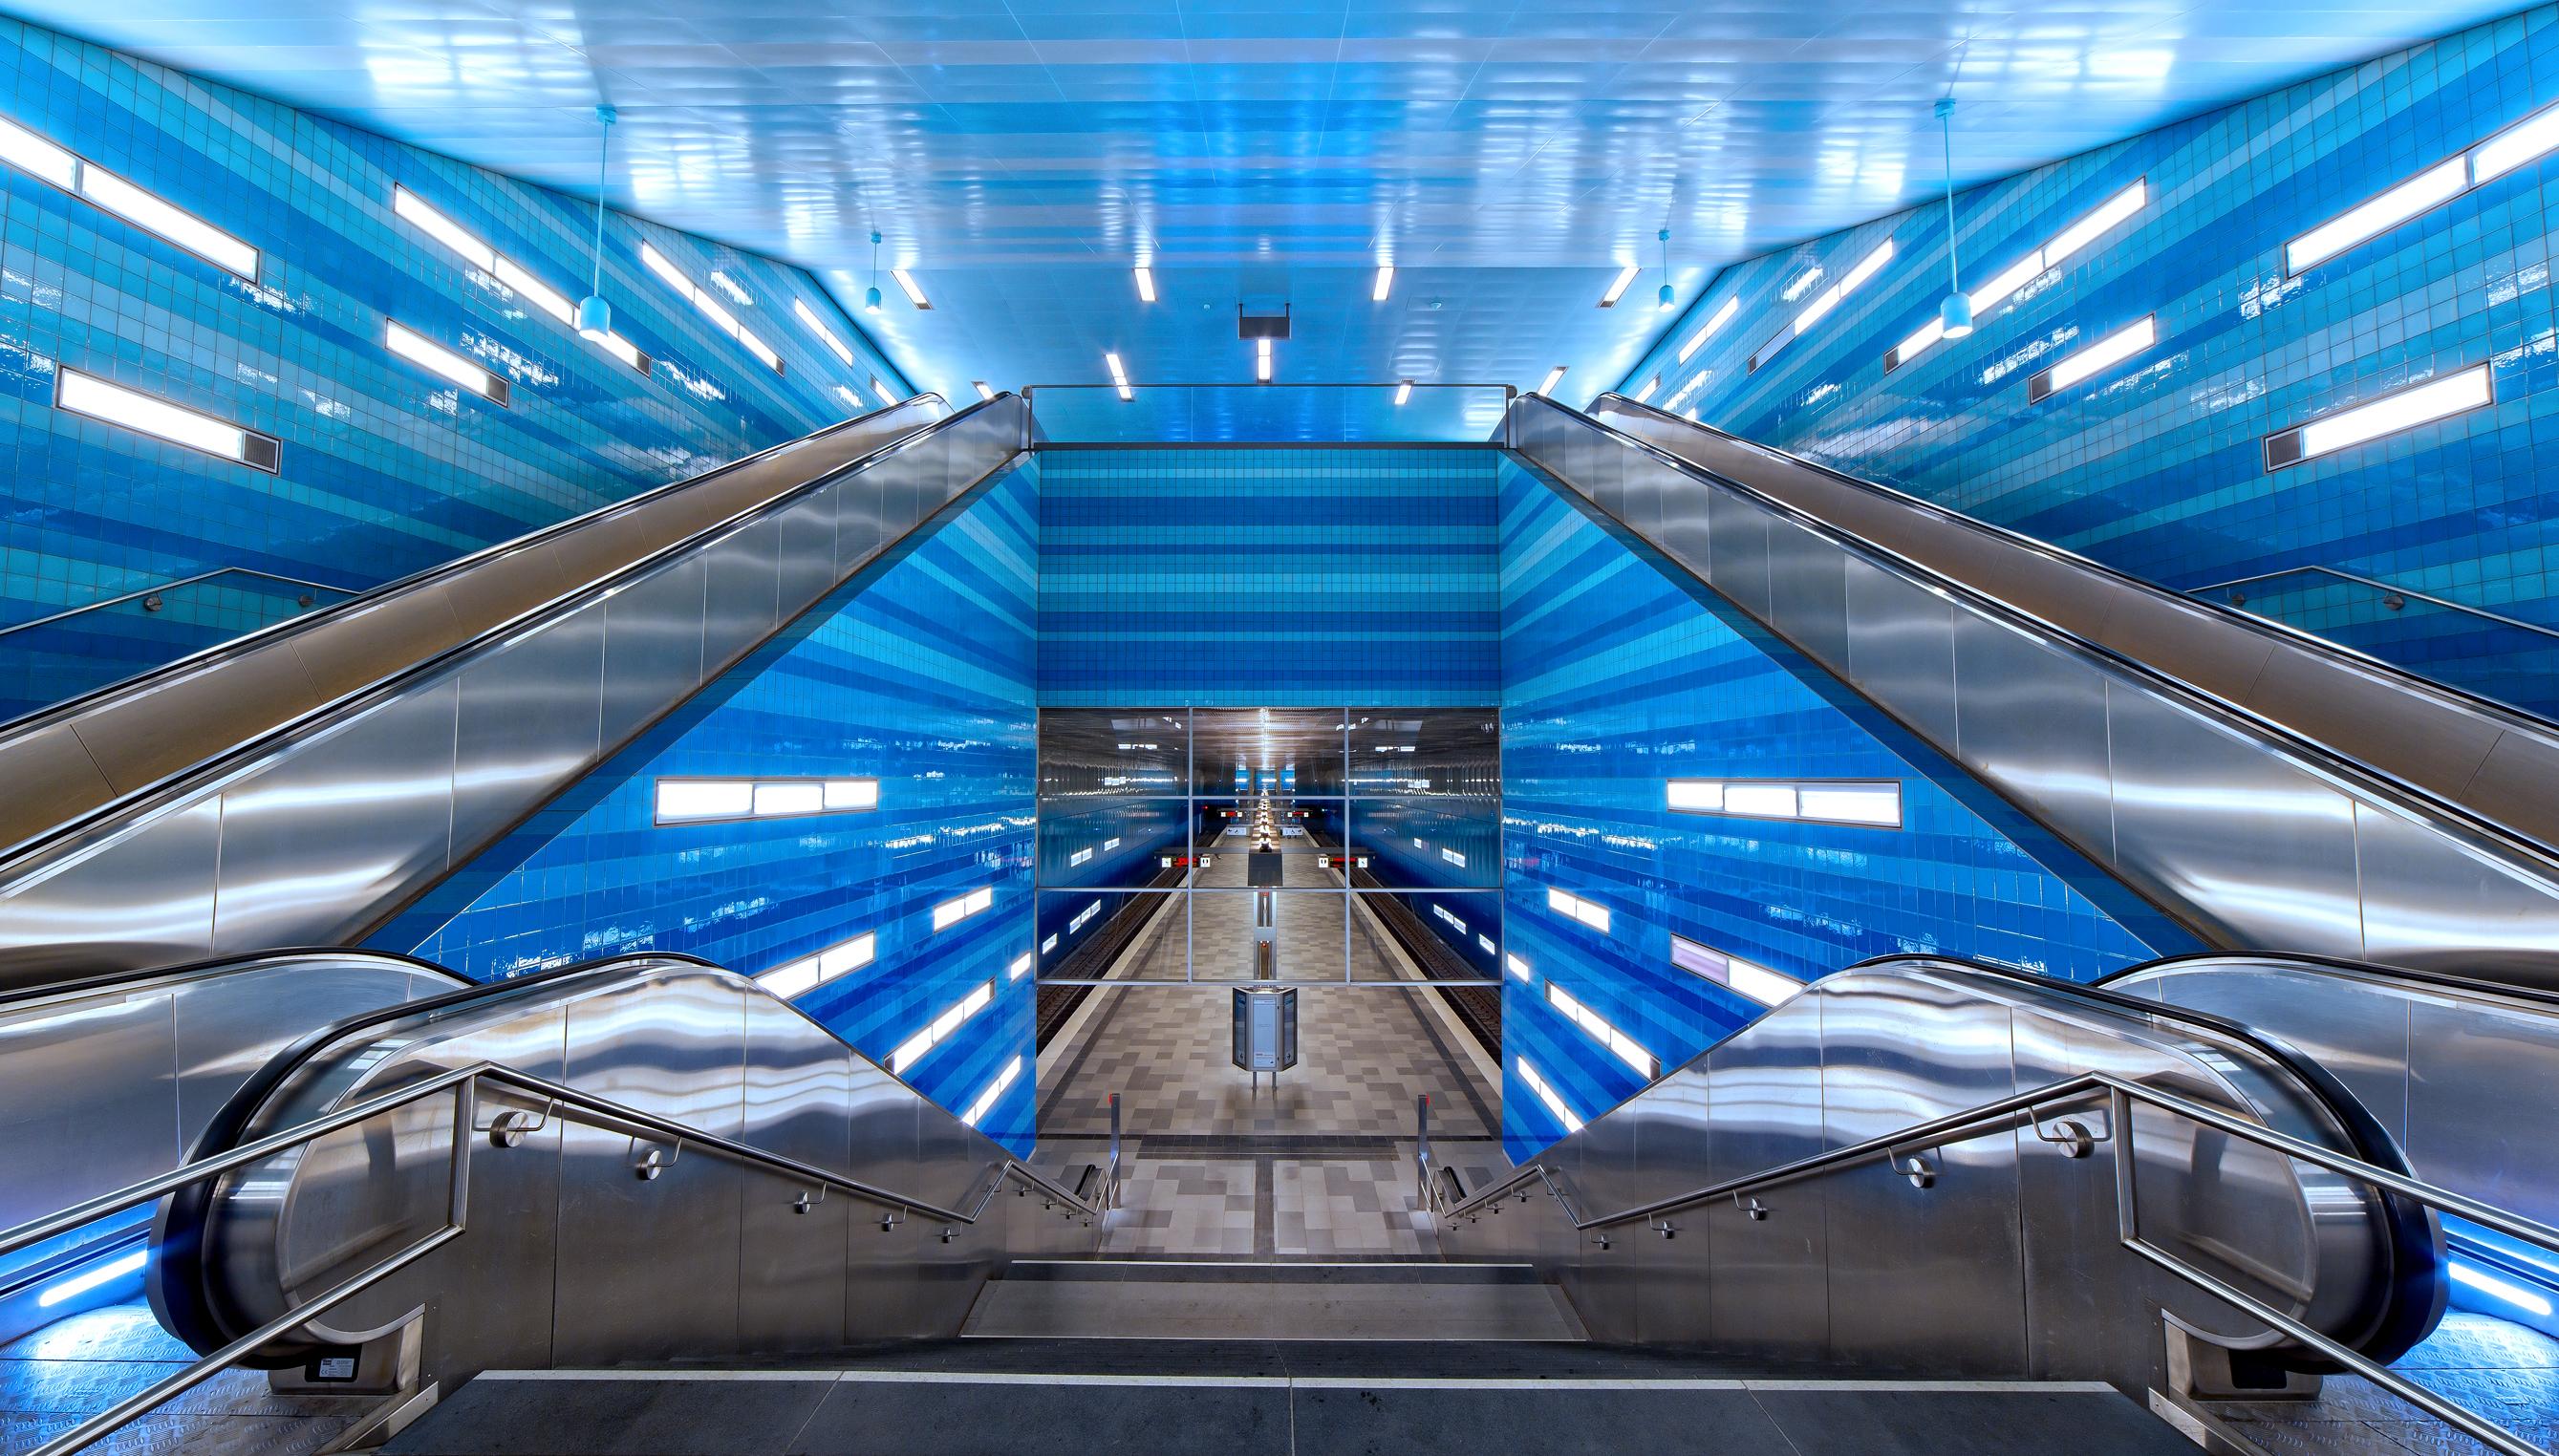 Stehlen Hamburg hintergrundbilder unter tage die architektur metro u bahn